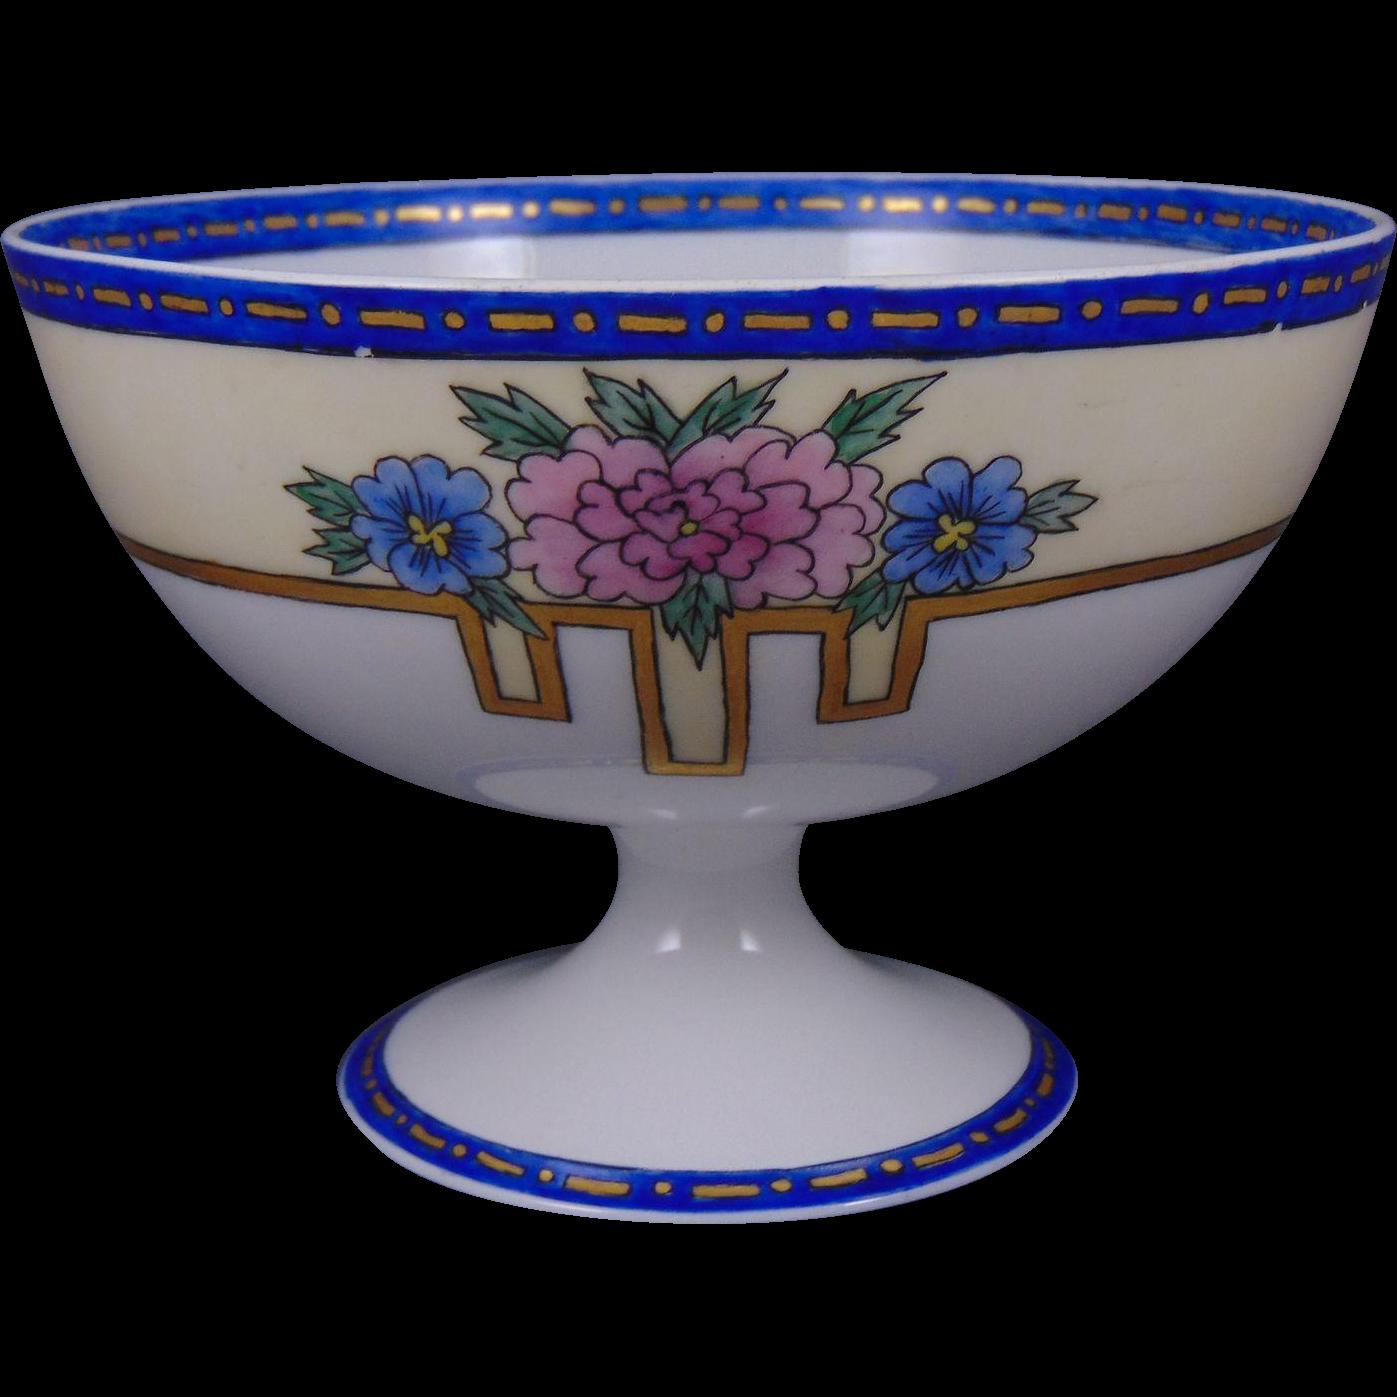 Tressemann & Vogt (T&V) Limoges Arts & Crafts Floral Design Pedestal Bowl (c.1910-1935)